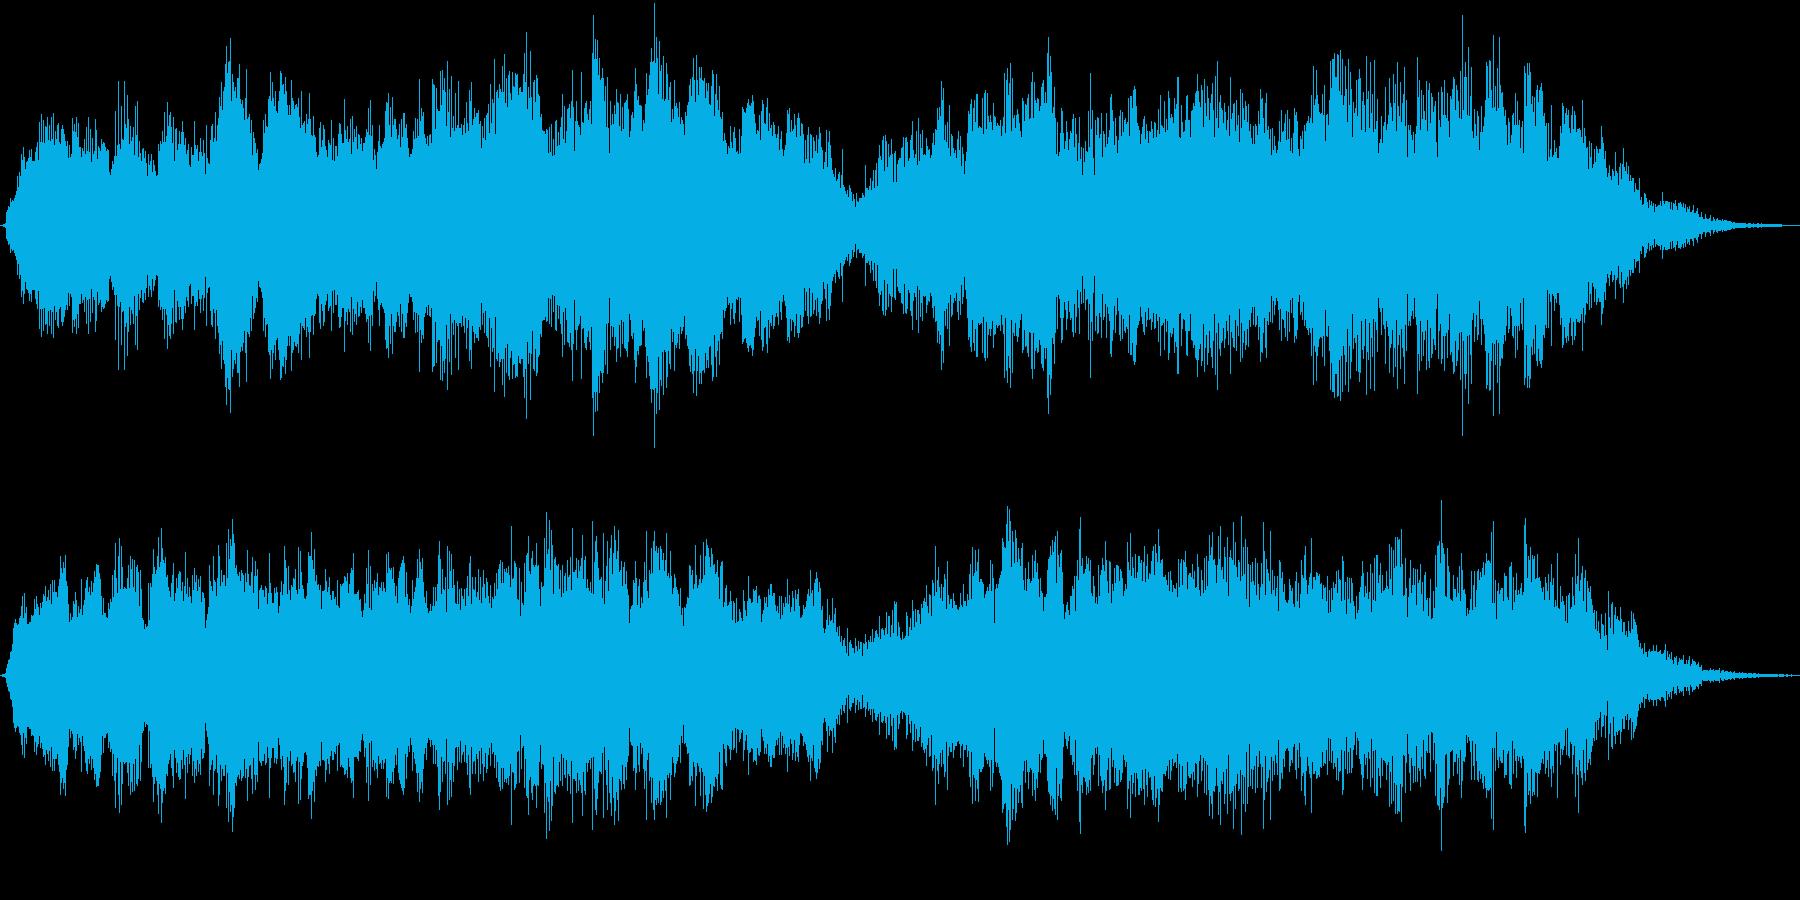 荒城の月・ゆったり切ない弦楽アレンジの再生済みの波形